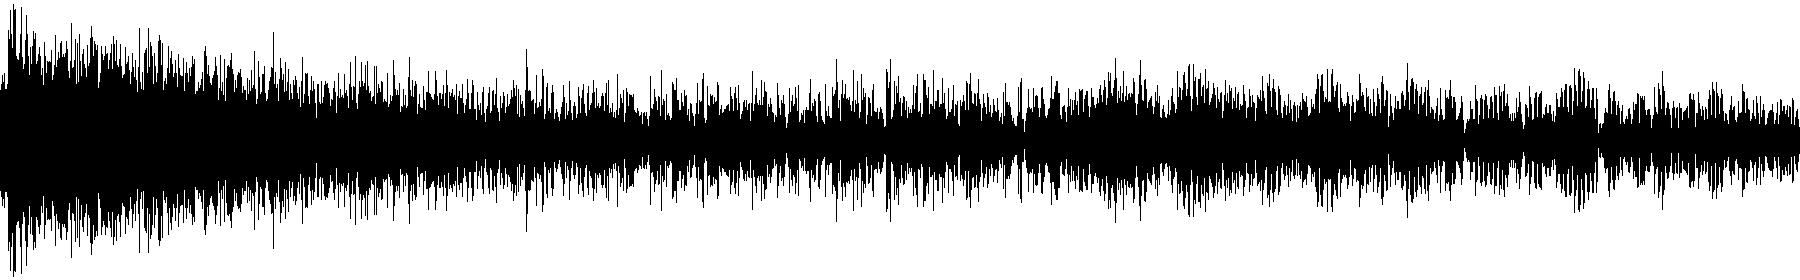 veh2 synths   143 c